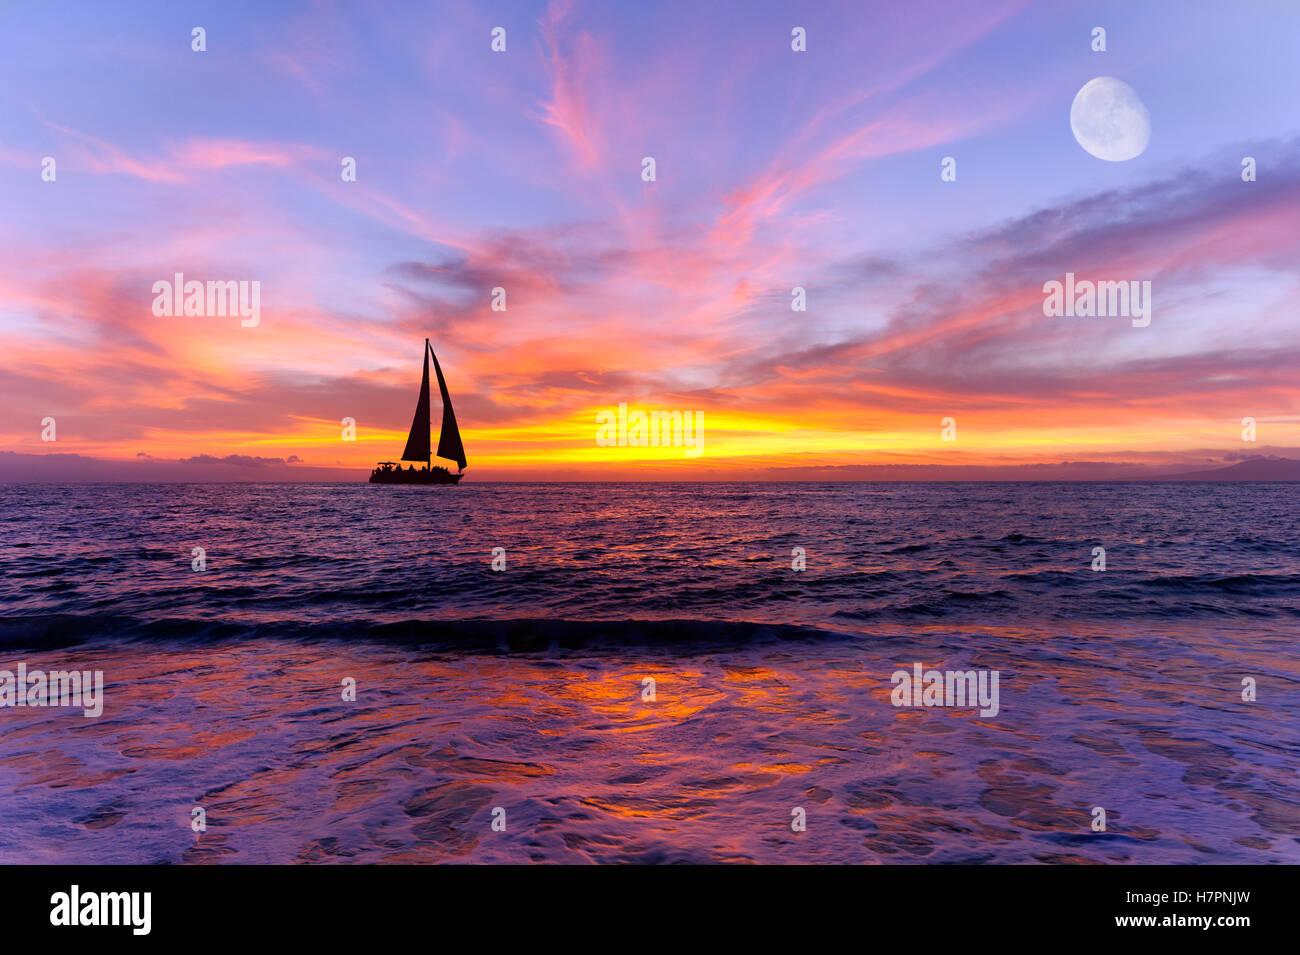 Barca a vela al tramonto sull'oceano è una silhouette di una vela sailboay lungo l'acqua oceanica con Immagini Stock